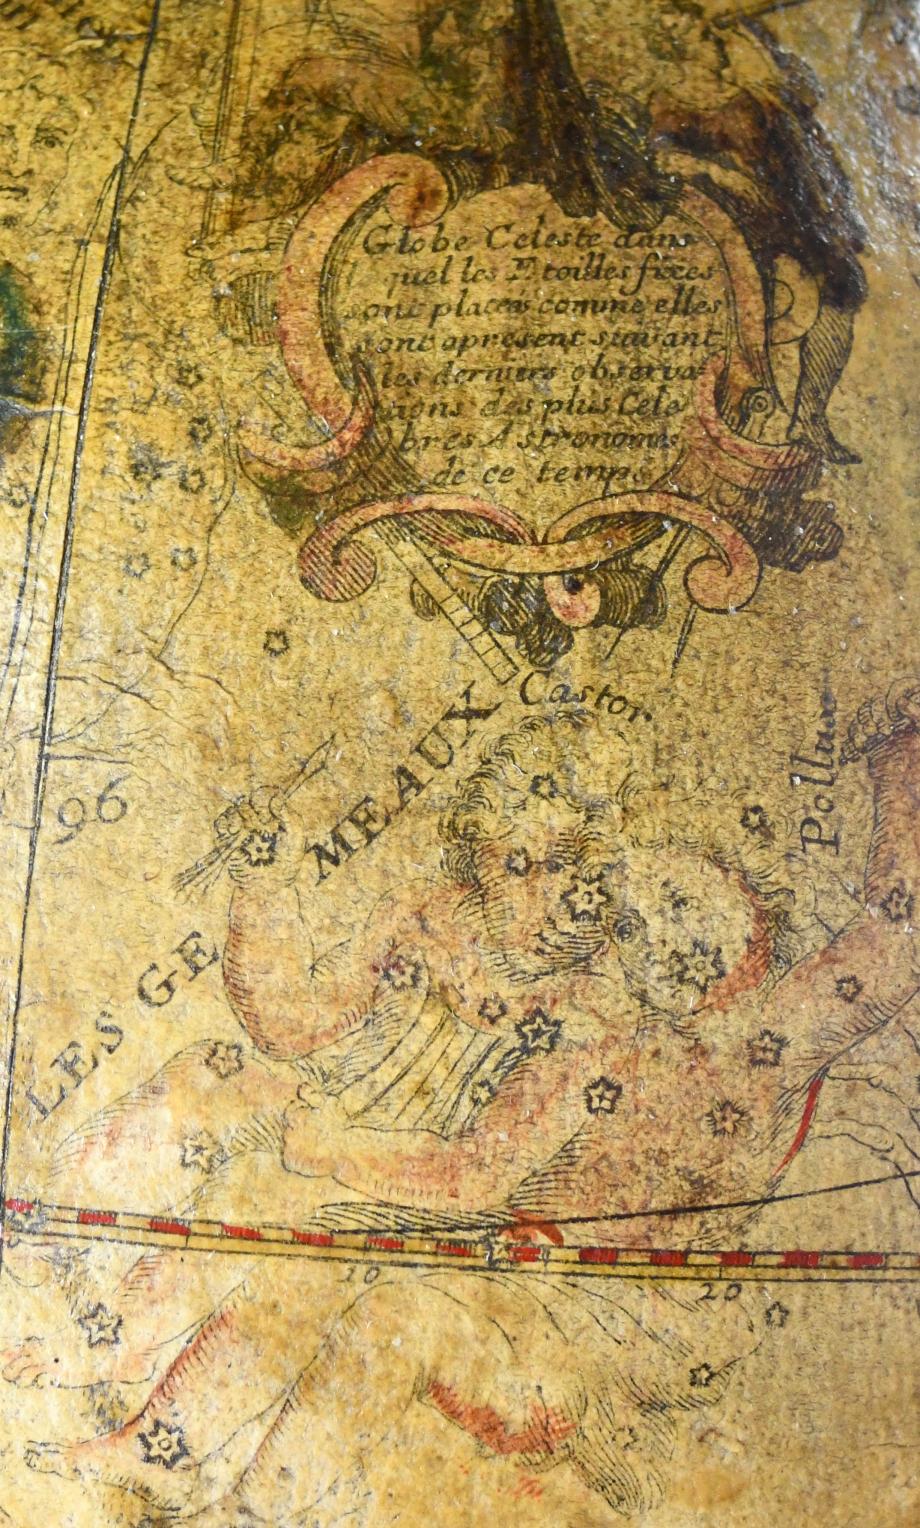 globe celeste detail2